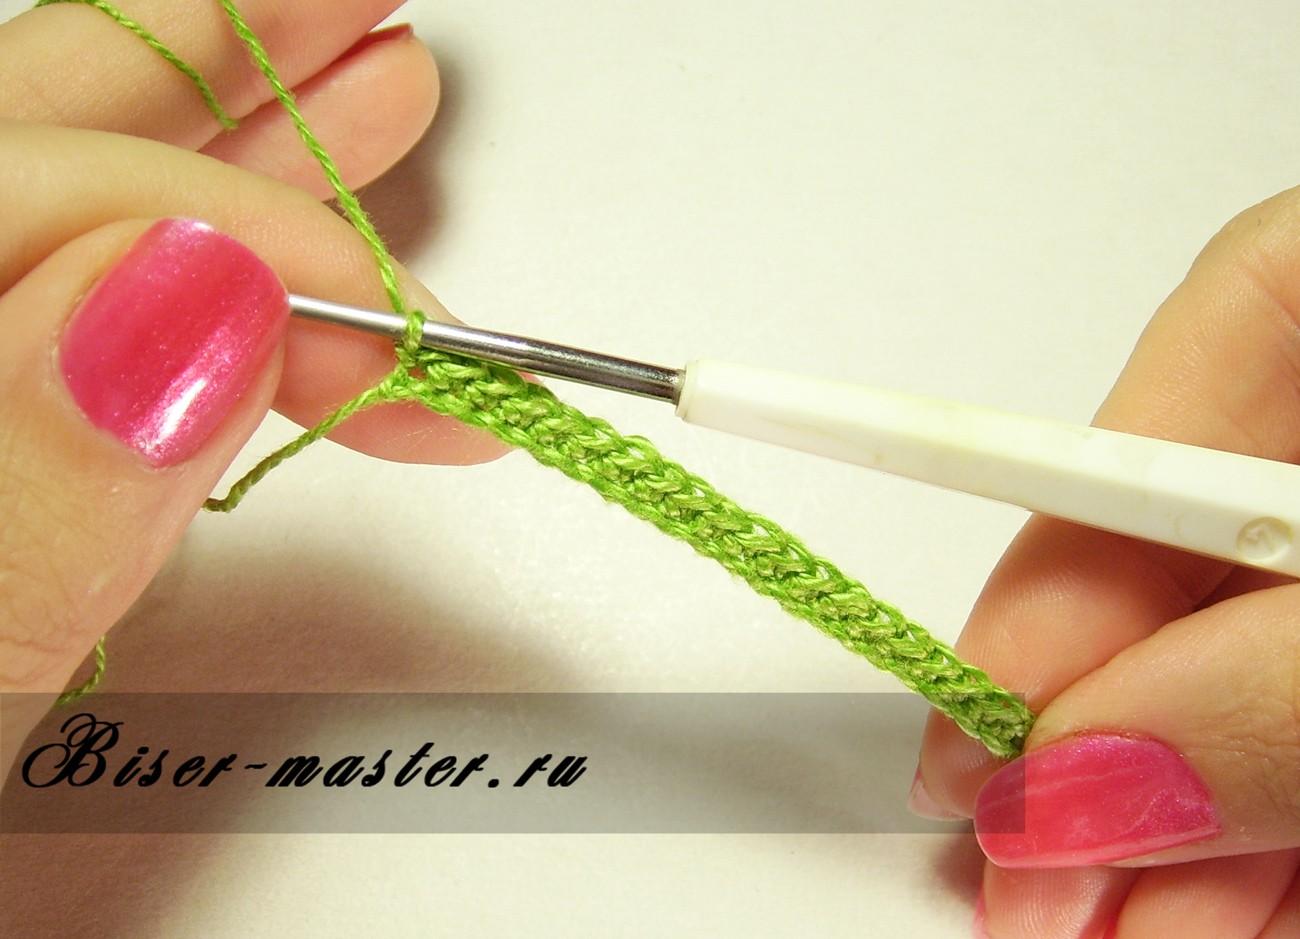 Вязание крючком английский способ